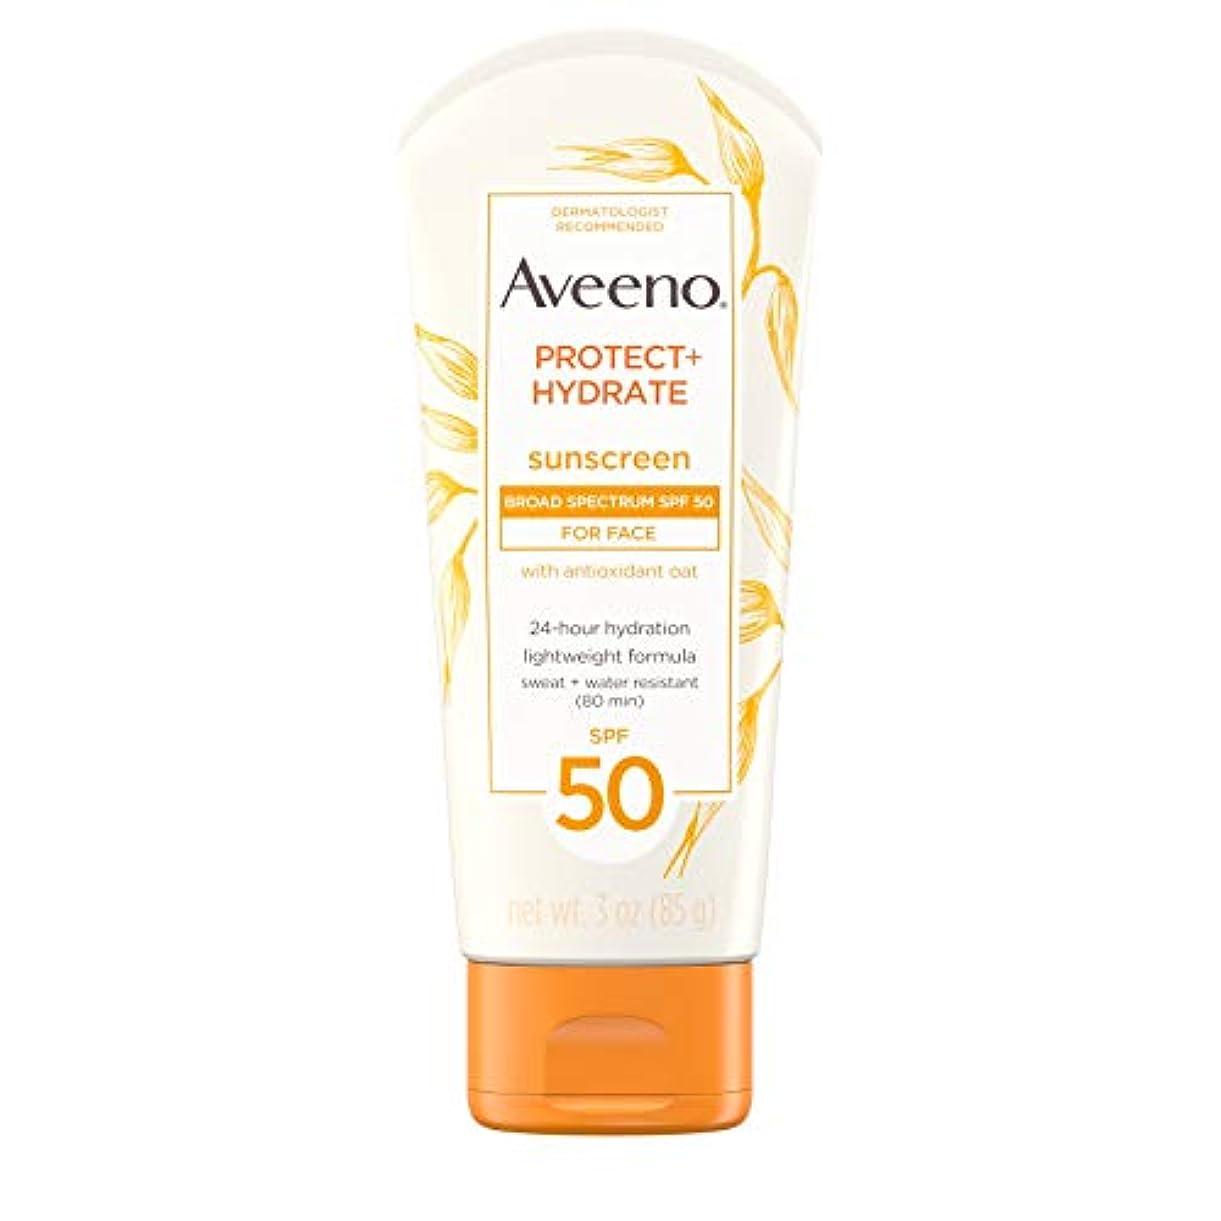 小間発生器予報Aveeno アビーノ 日焼け止め ローションSPF-50 protect+hydrate Sunscreen Lotion(平行輸入品) 85g (3Oz)